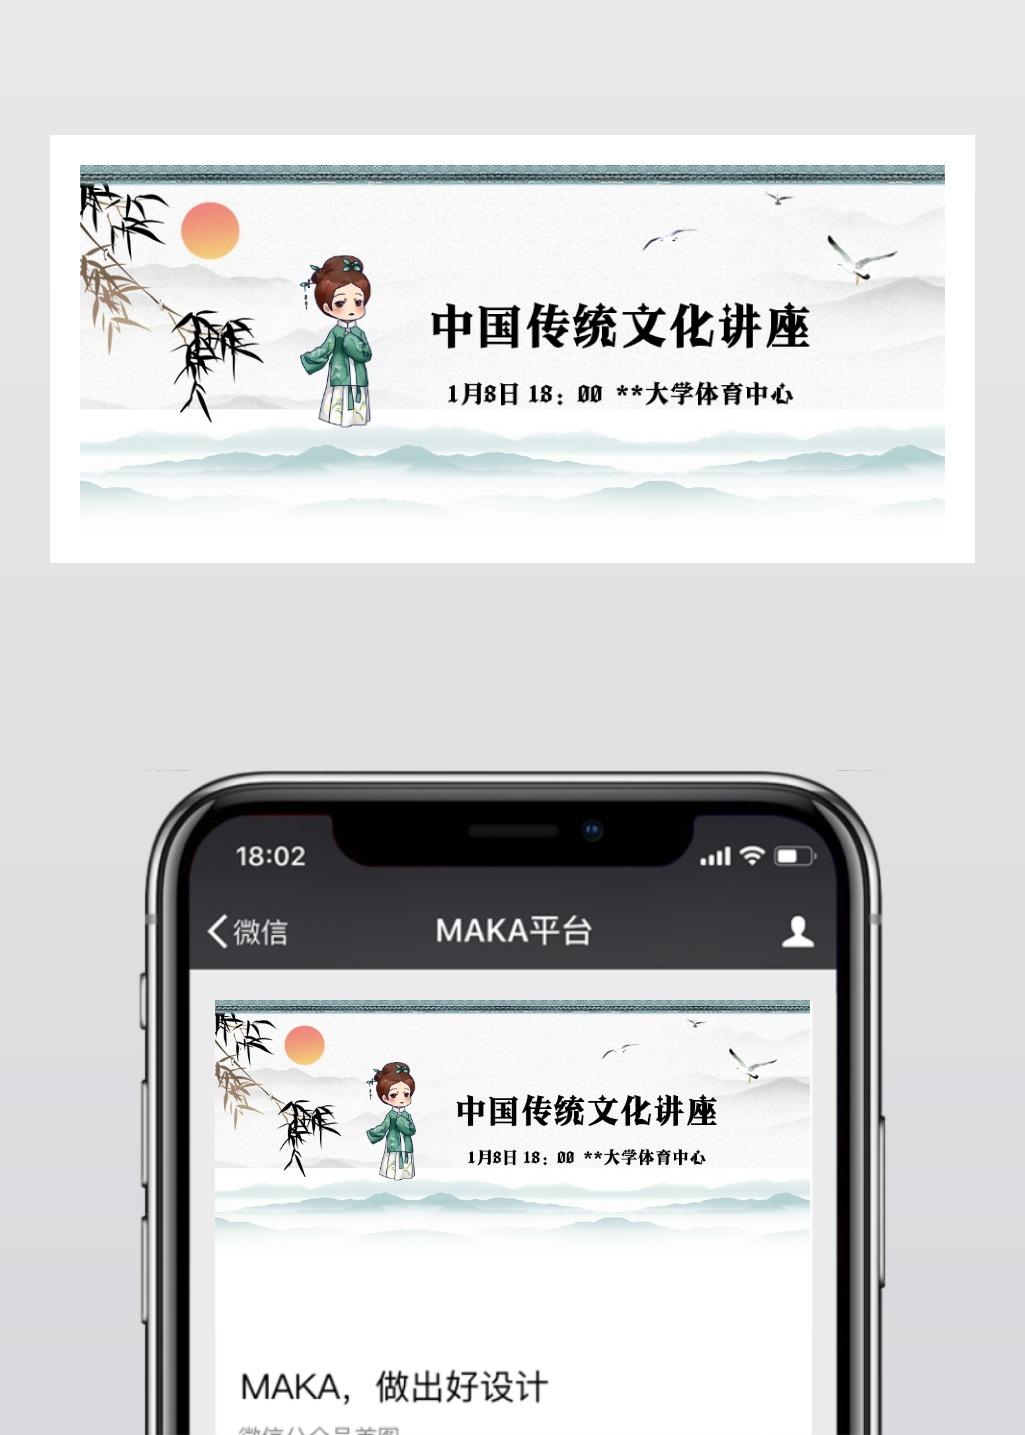 公众号封面头图 文化讲座 中国风 传统文化讲座通知、宣传